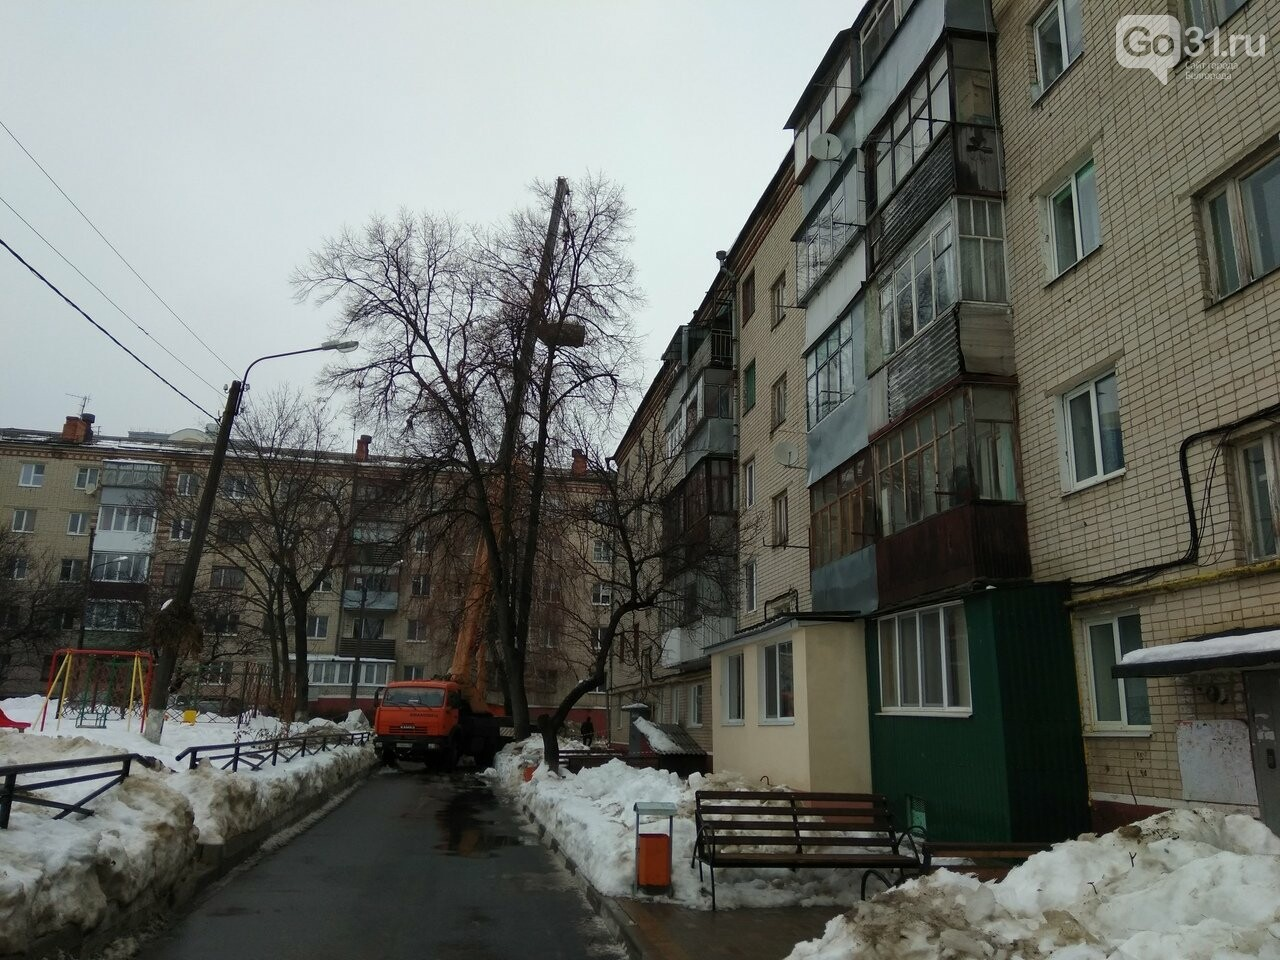 В доме на Чумичова обрушилась крыша из-за плохой работы управляющей компании по очистке снега, фото-2